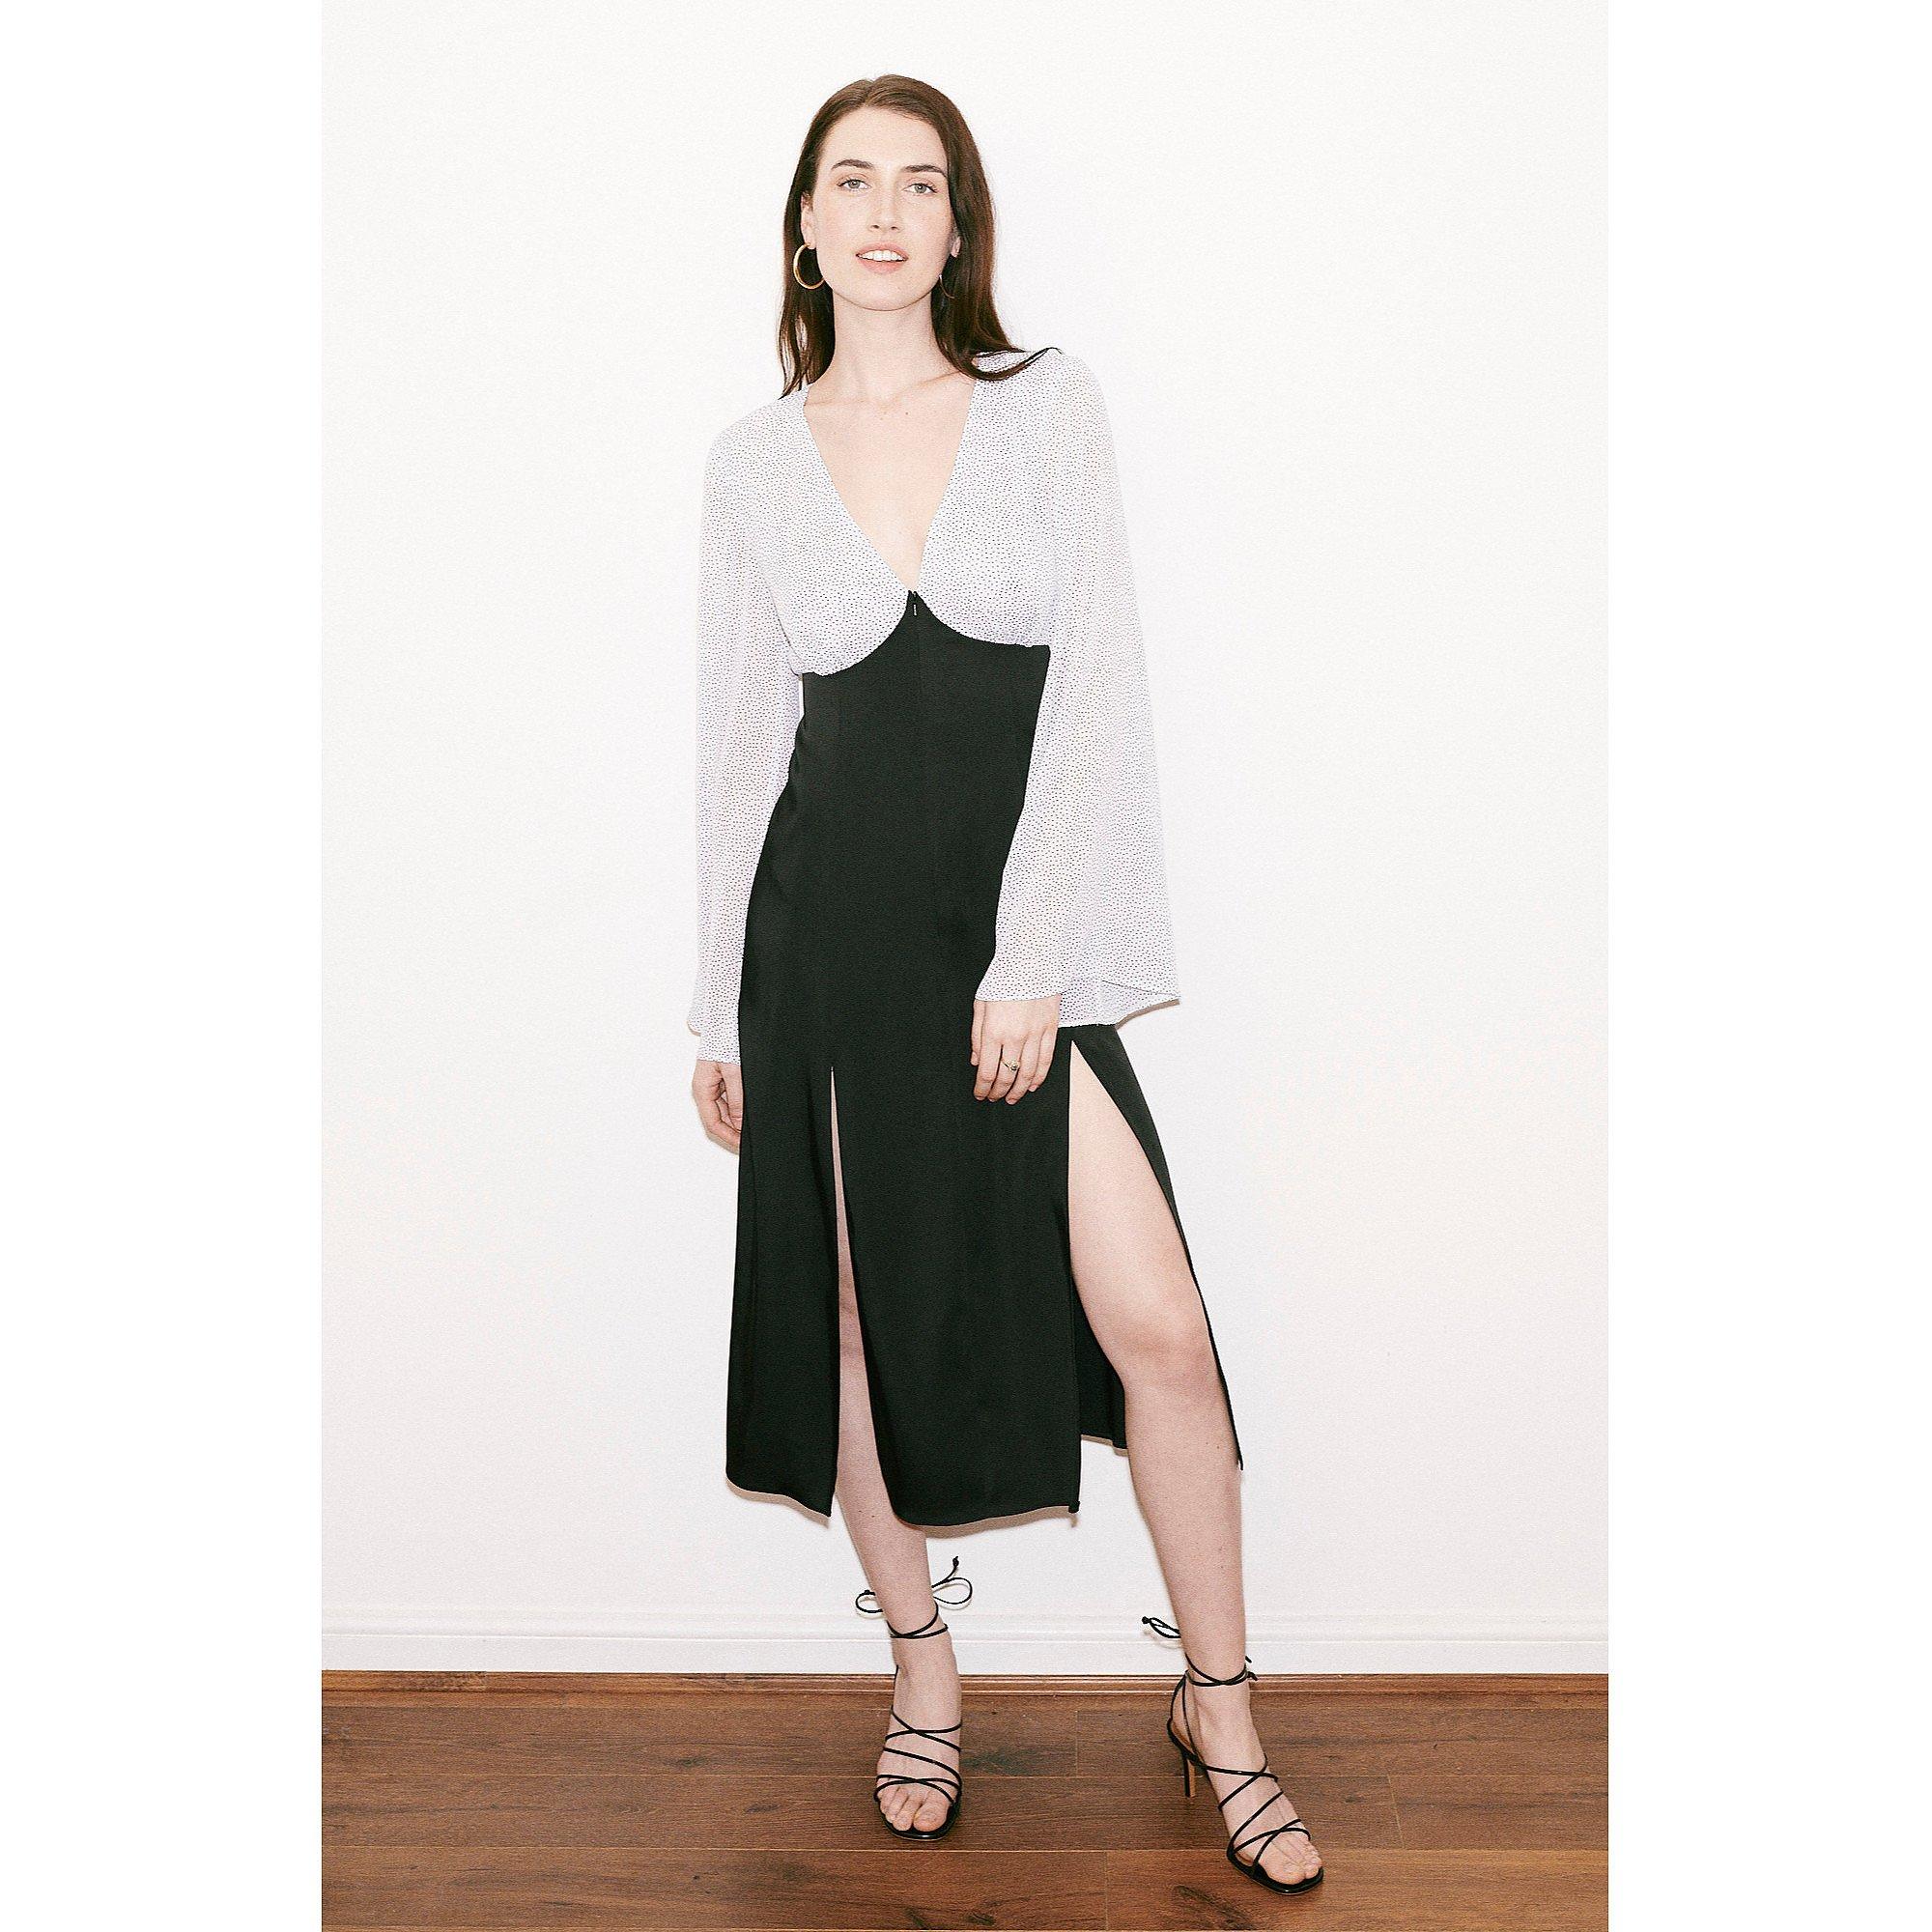 Franks London Rosemary Split Front Midi Dress